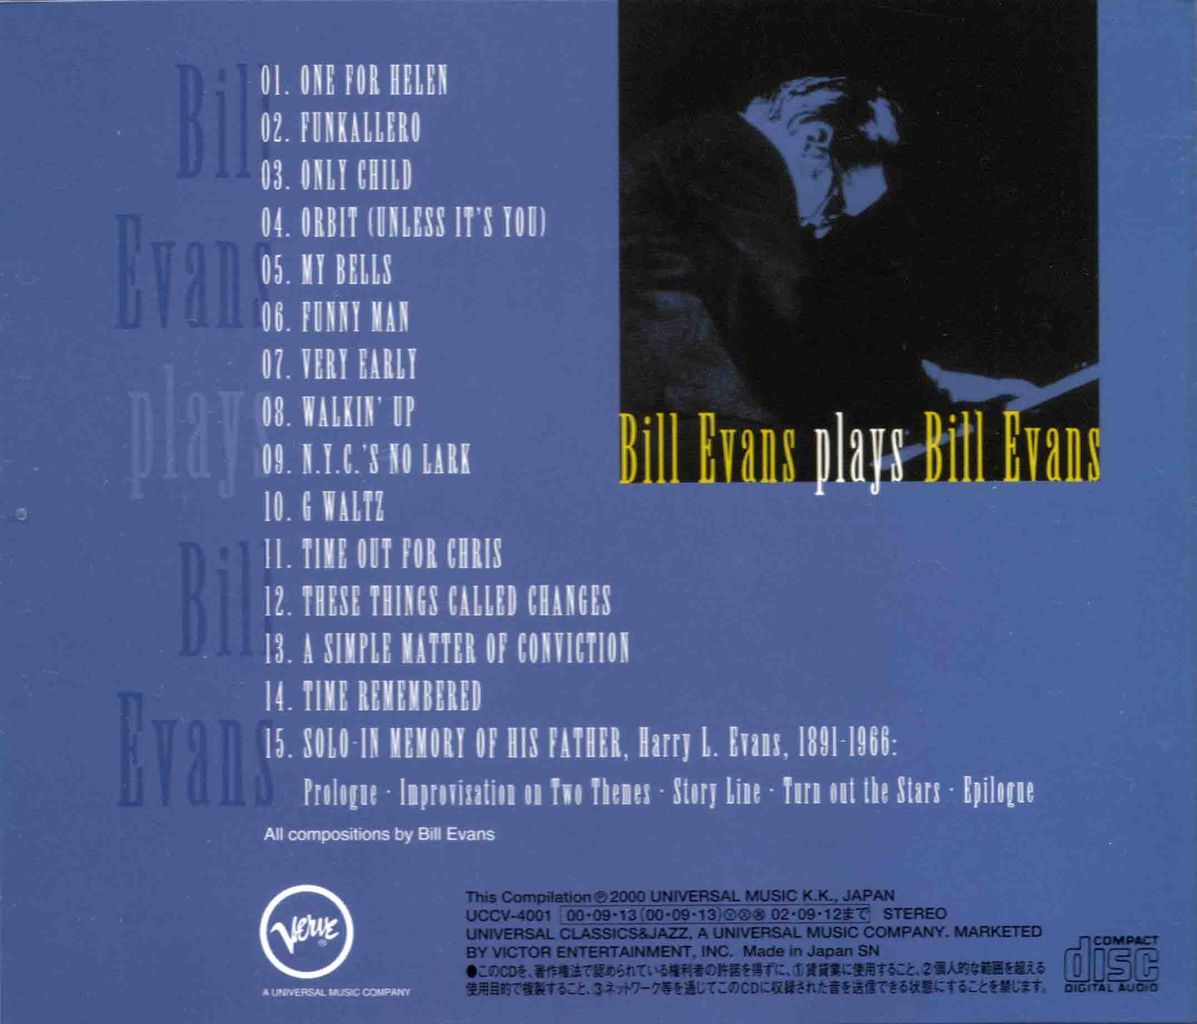 BILL EVANS PLAYS BILL EVANS-2